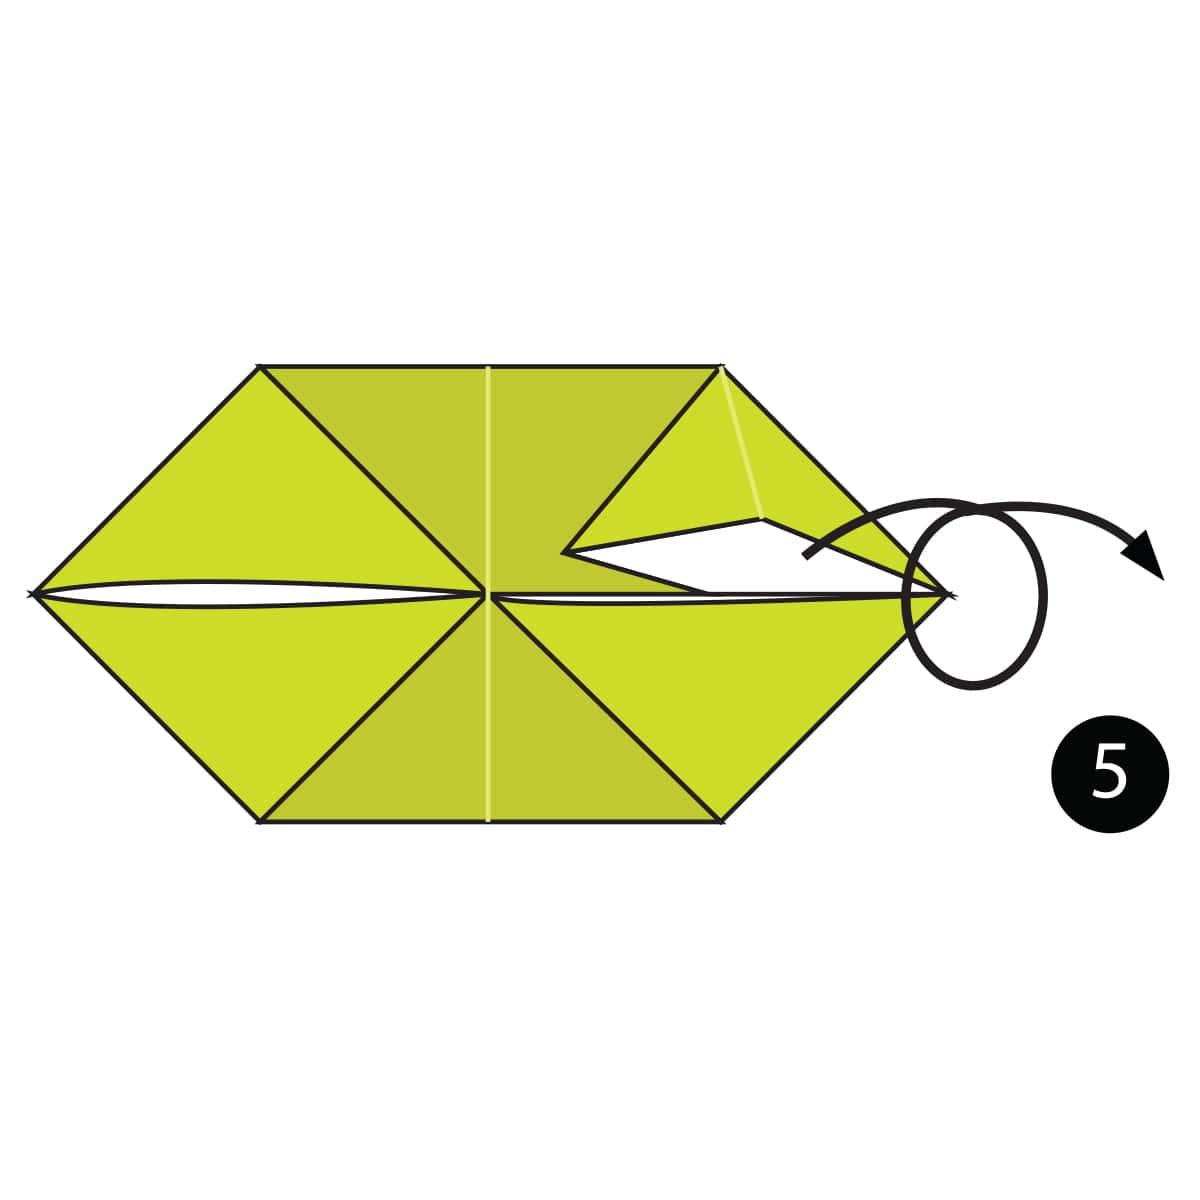 Chameleon Step 5